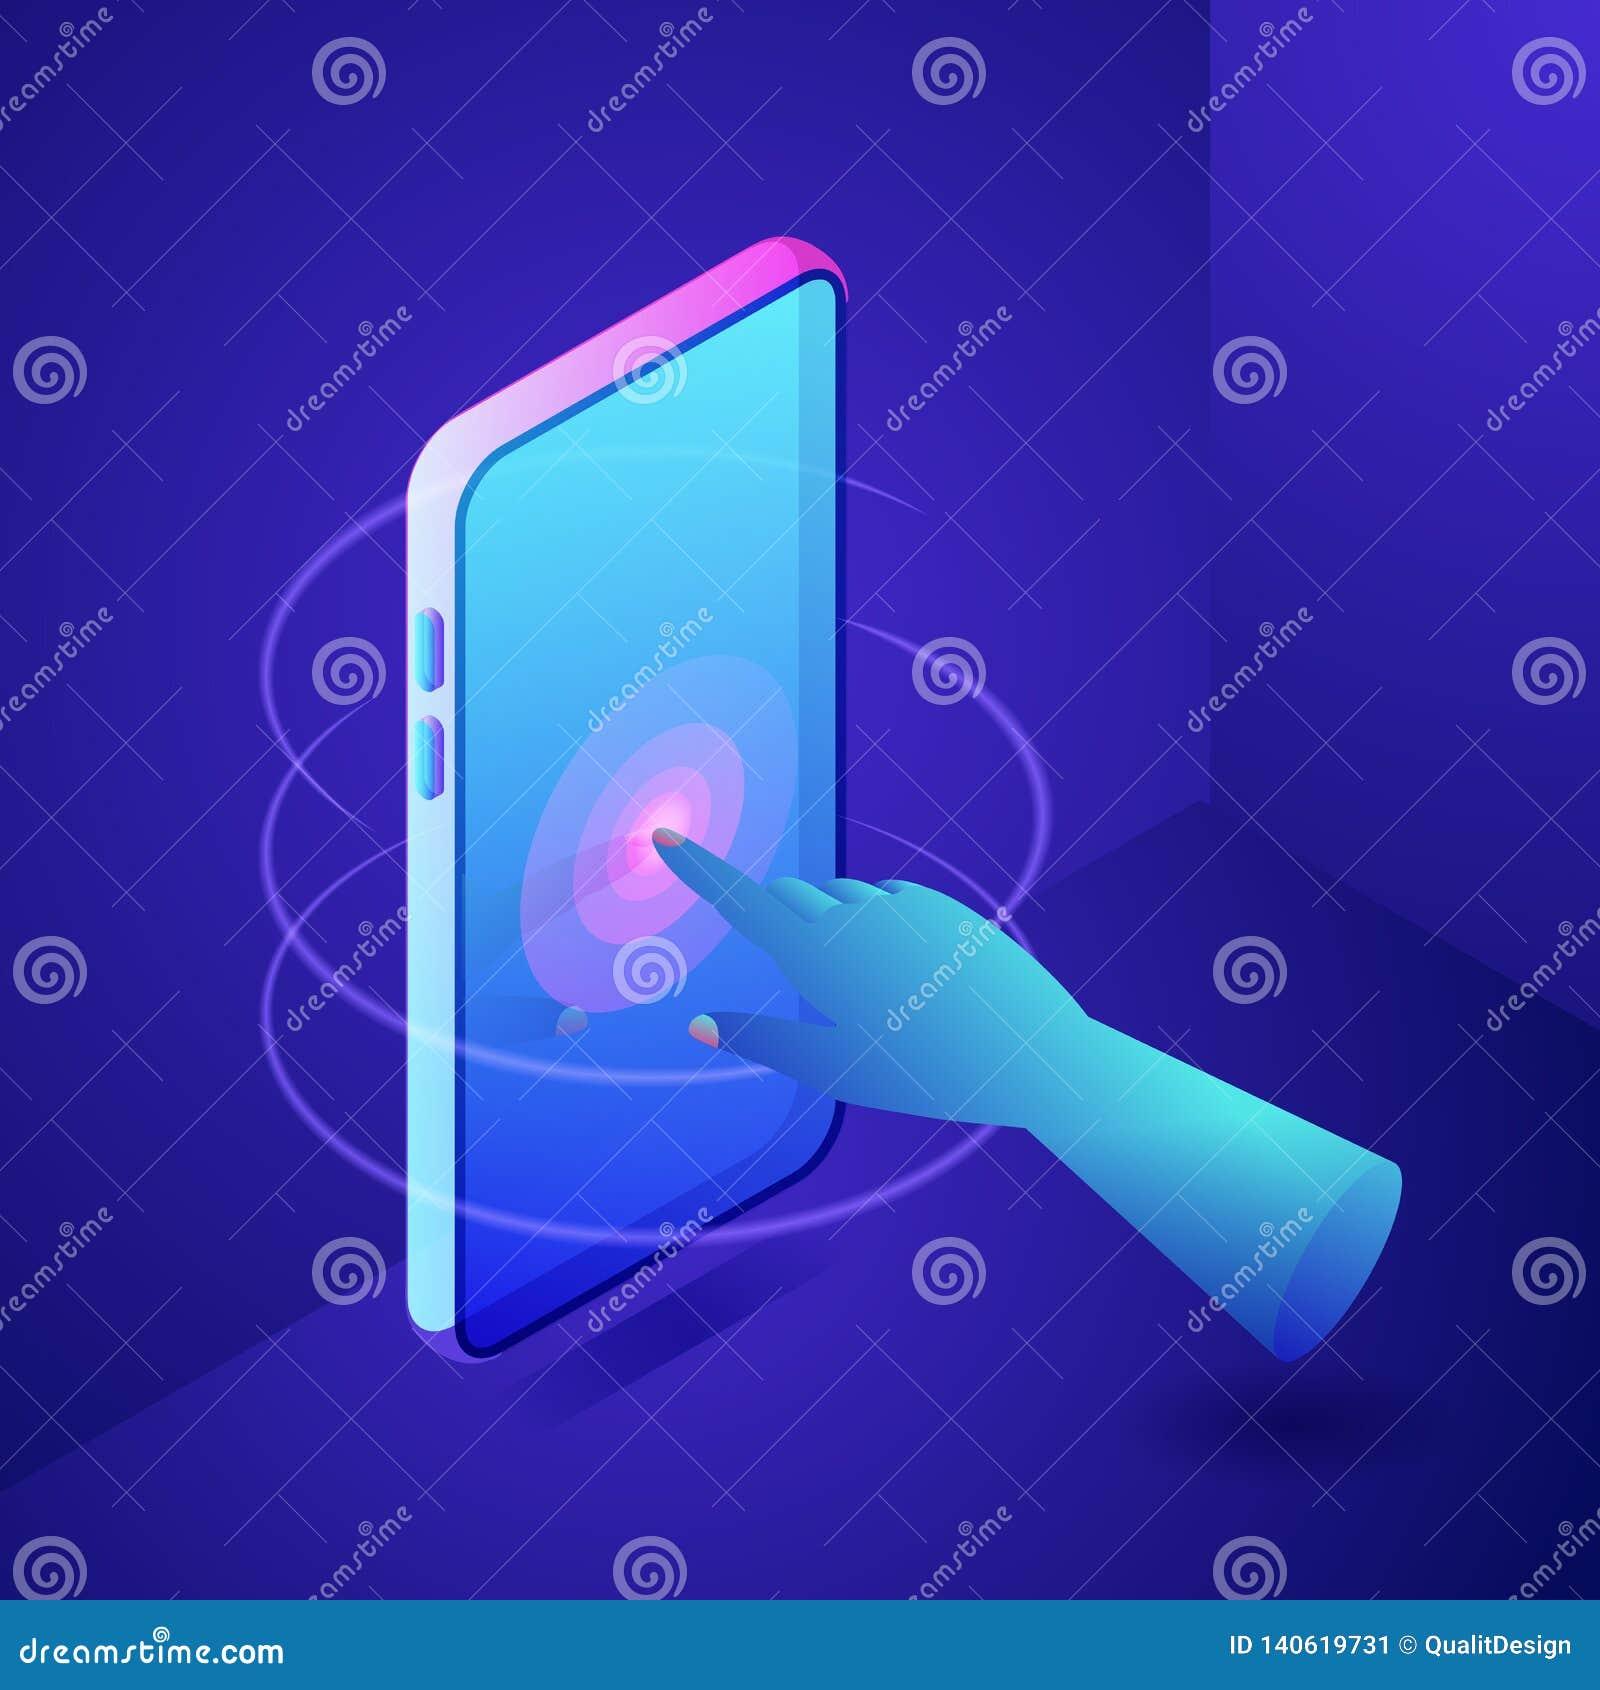 Handtouch Screen am Telefon Wechselwirkendes Technologiekonzept Digital Isometrische Illustration der Vektorneonsteigungen 3d